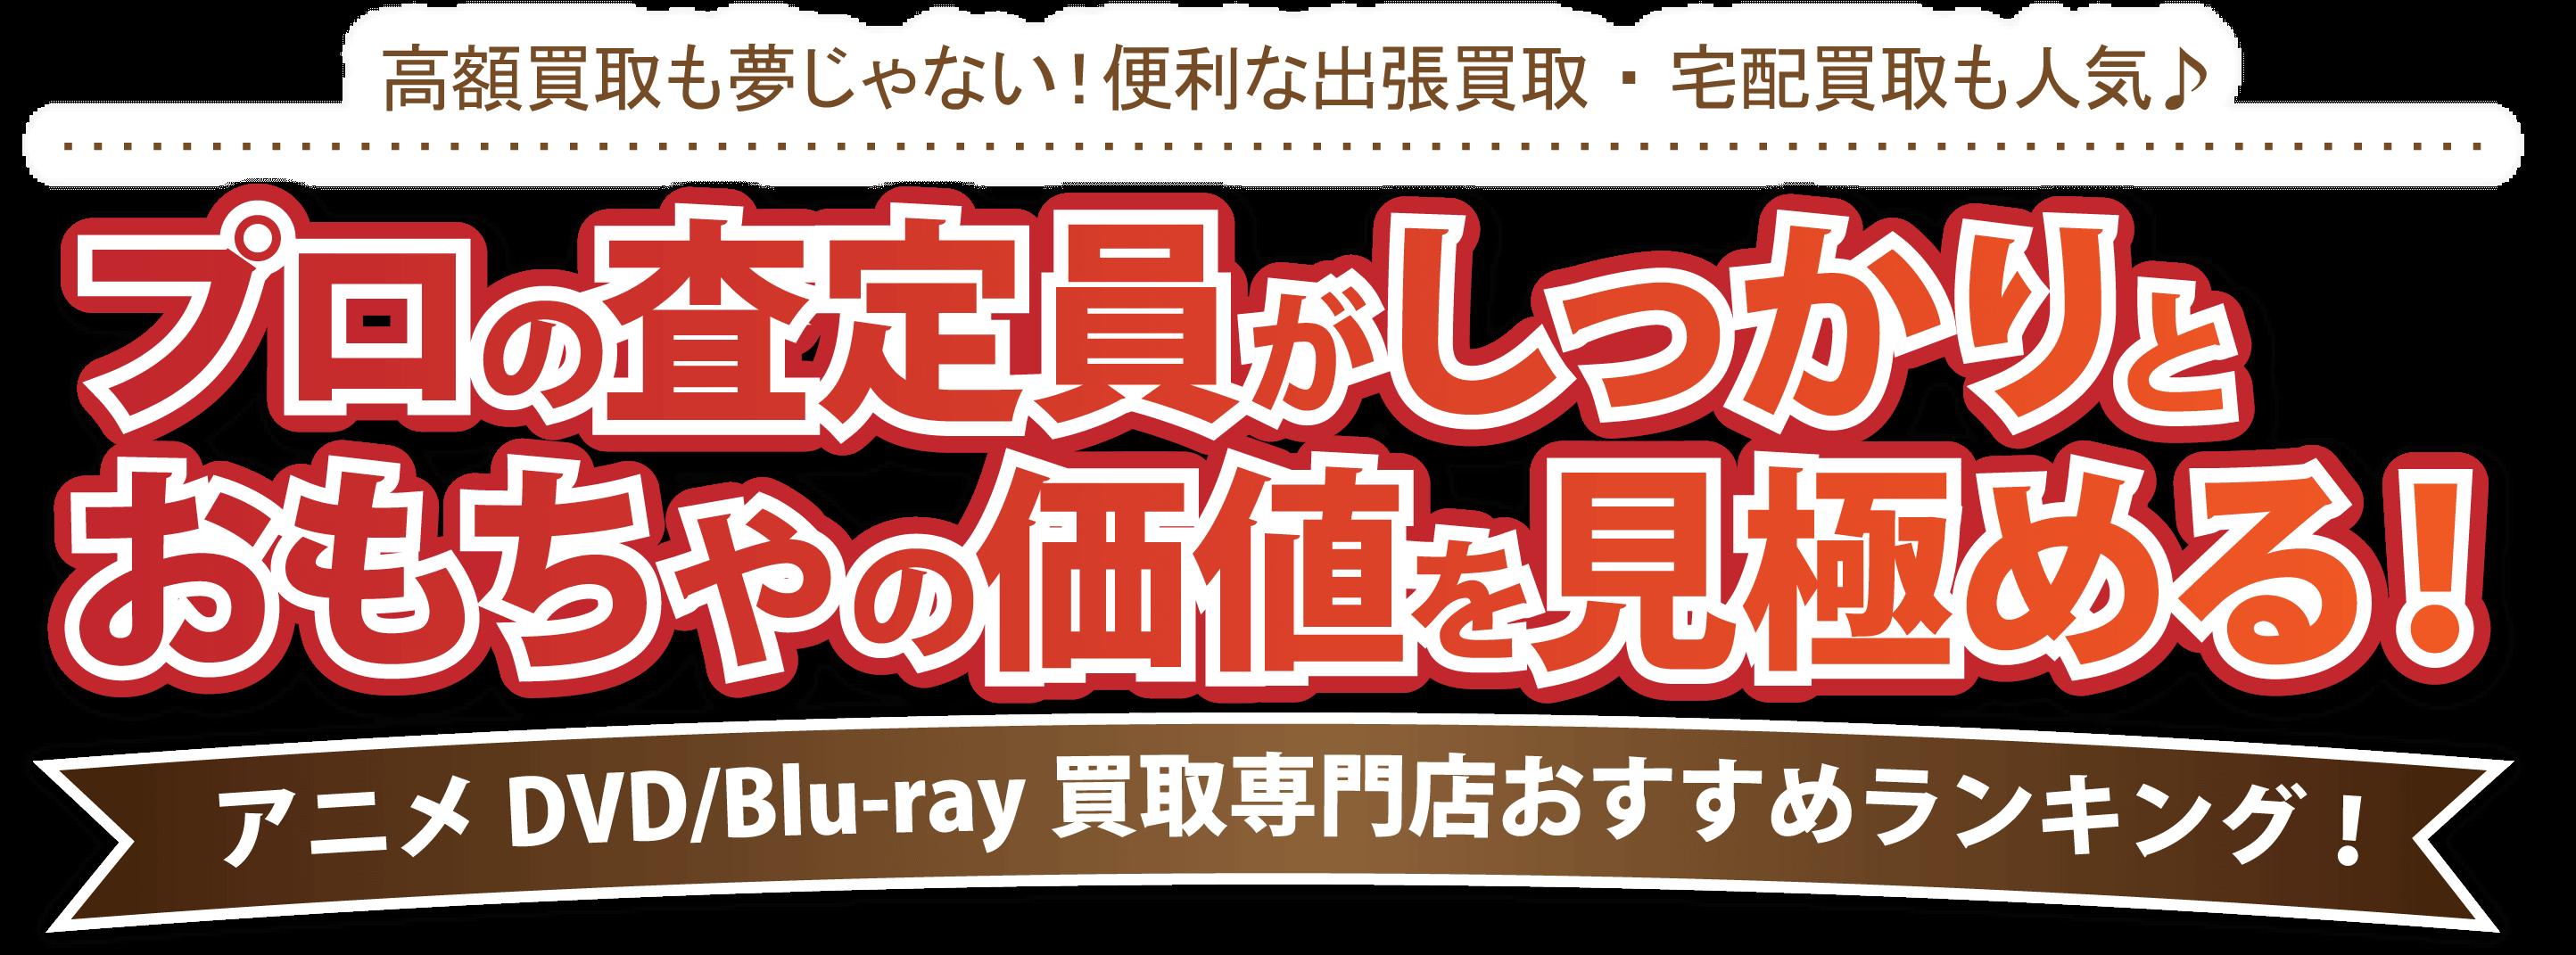 アニメDVD/Blu-ray買取業者ページのヘッダー画像